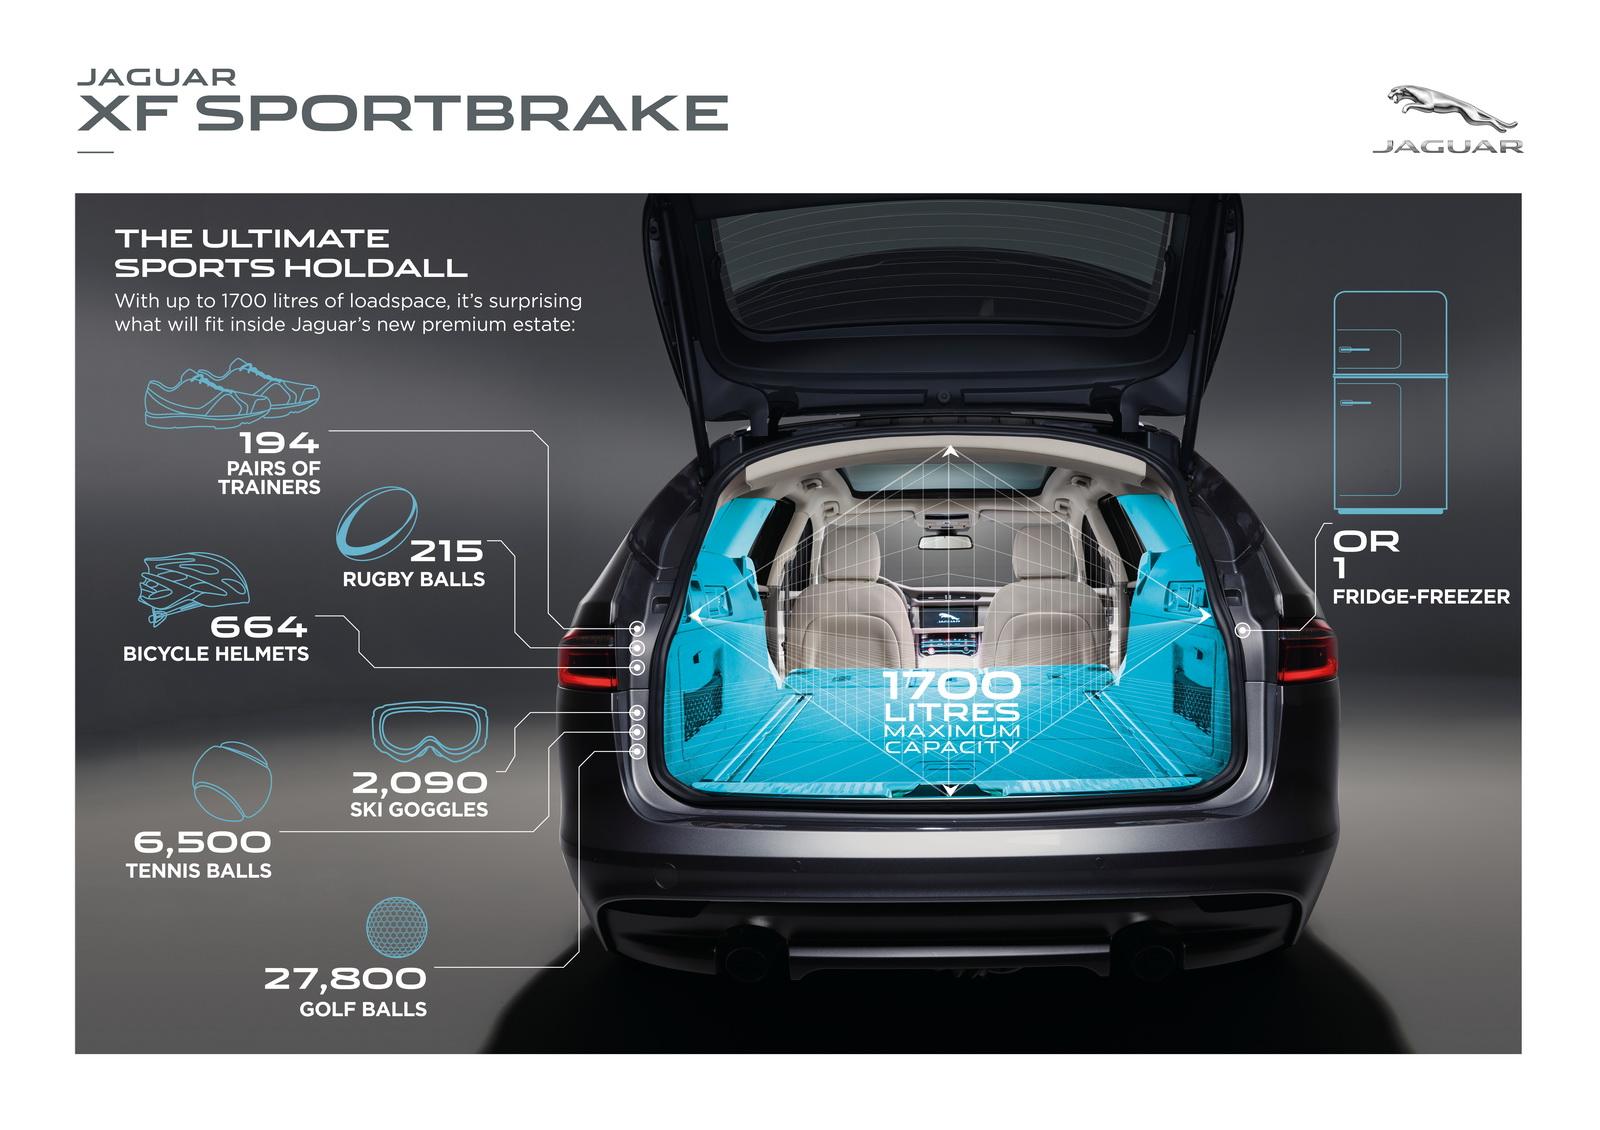 2018-jaguar-xf-sportbrake-90